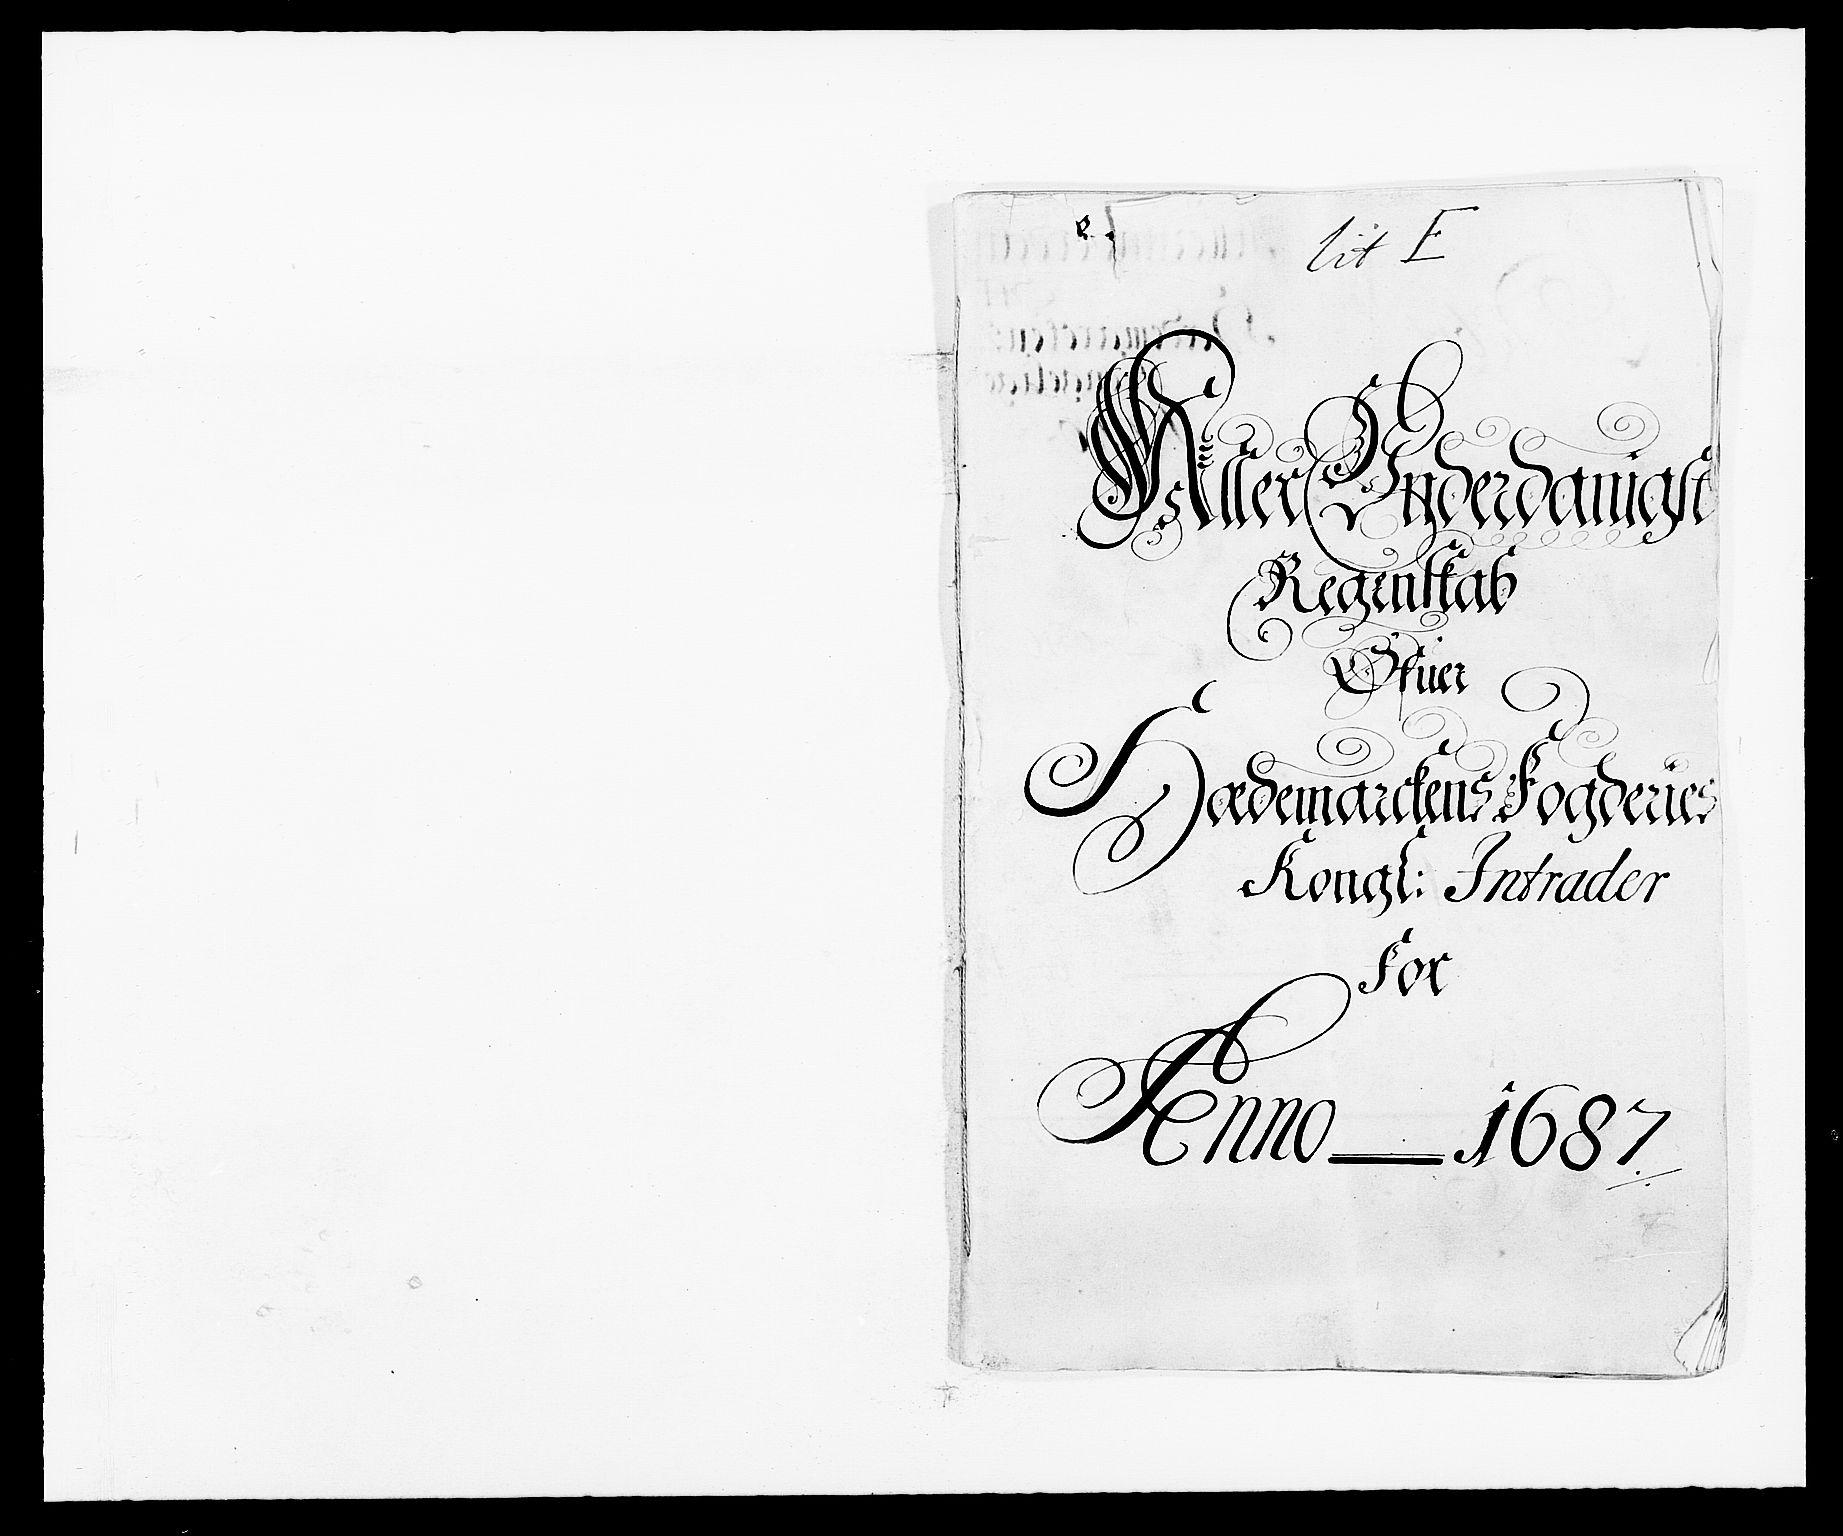 RA, Rentekammeret inntil 1814, Reviderte regnskaper, Fogderegnskap, R16/L1028: Fogderegnskap Hedmark, 1687, s. 1